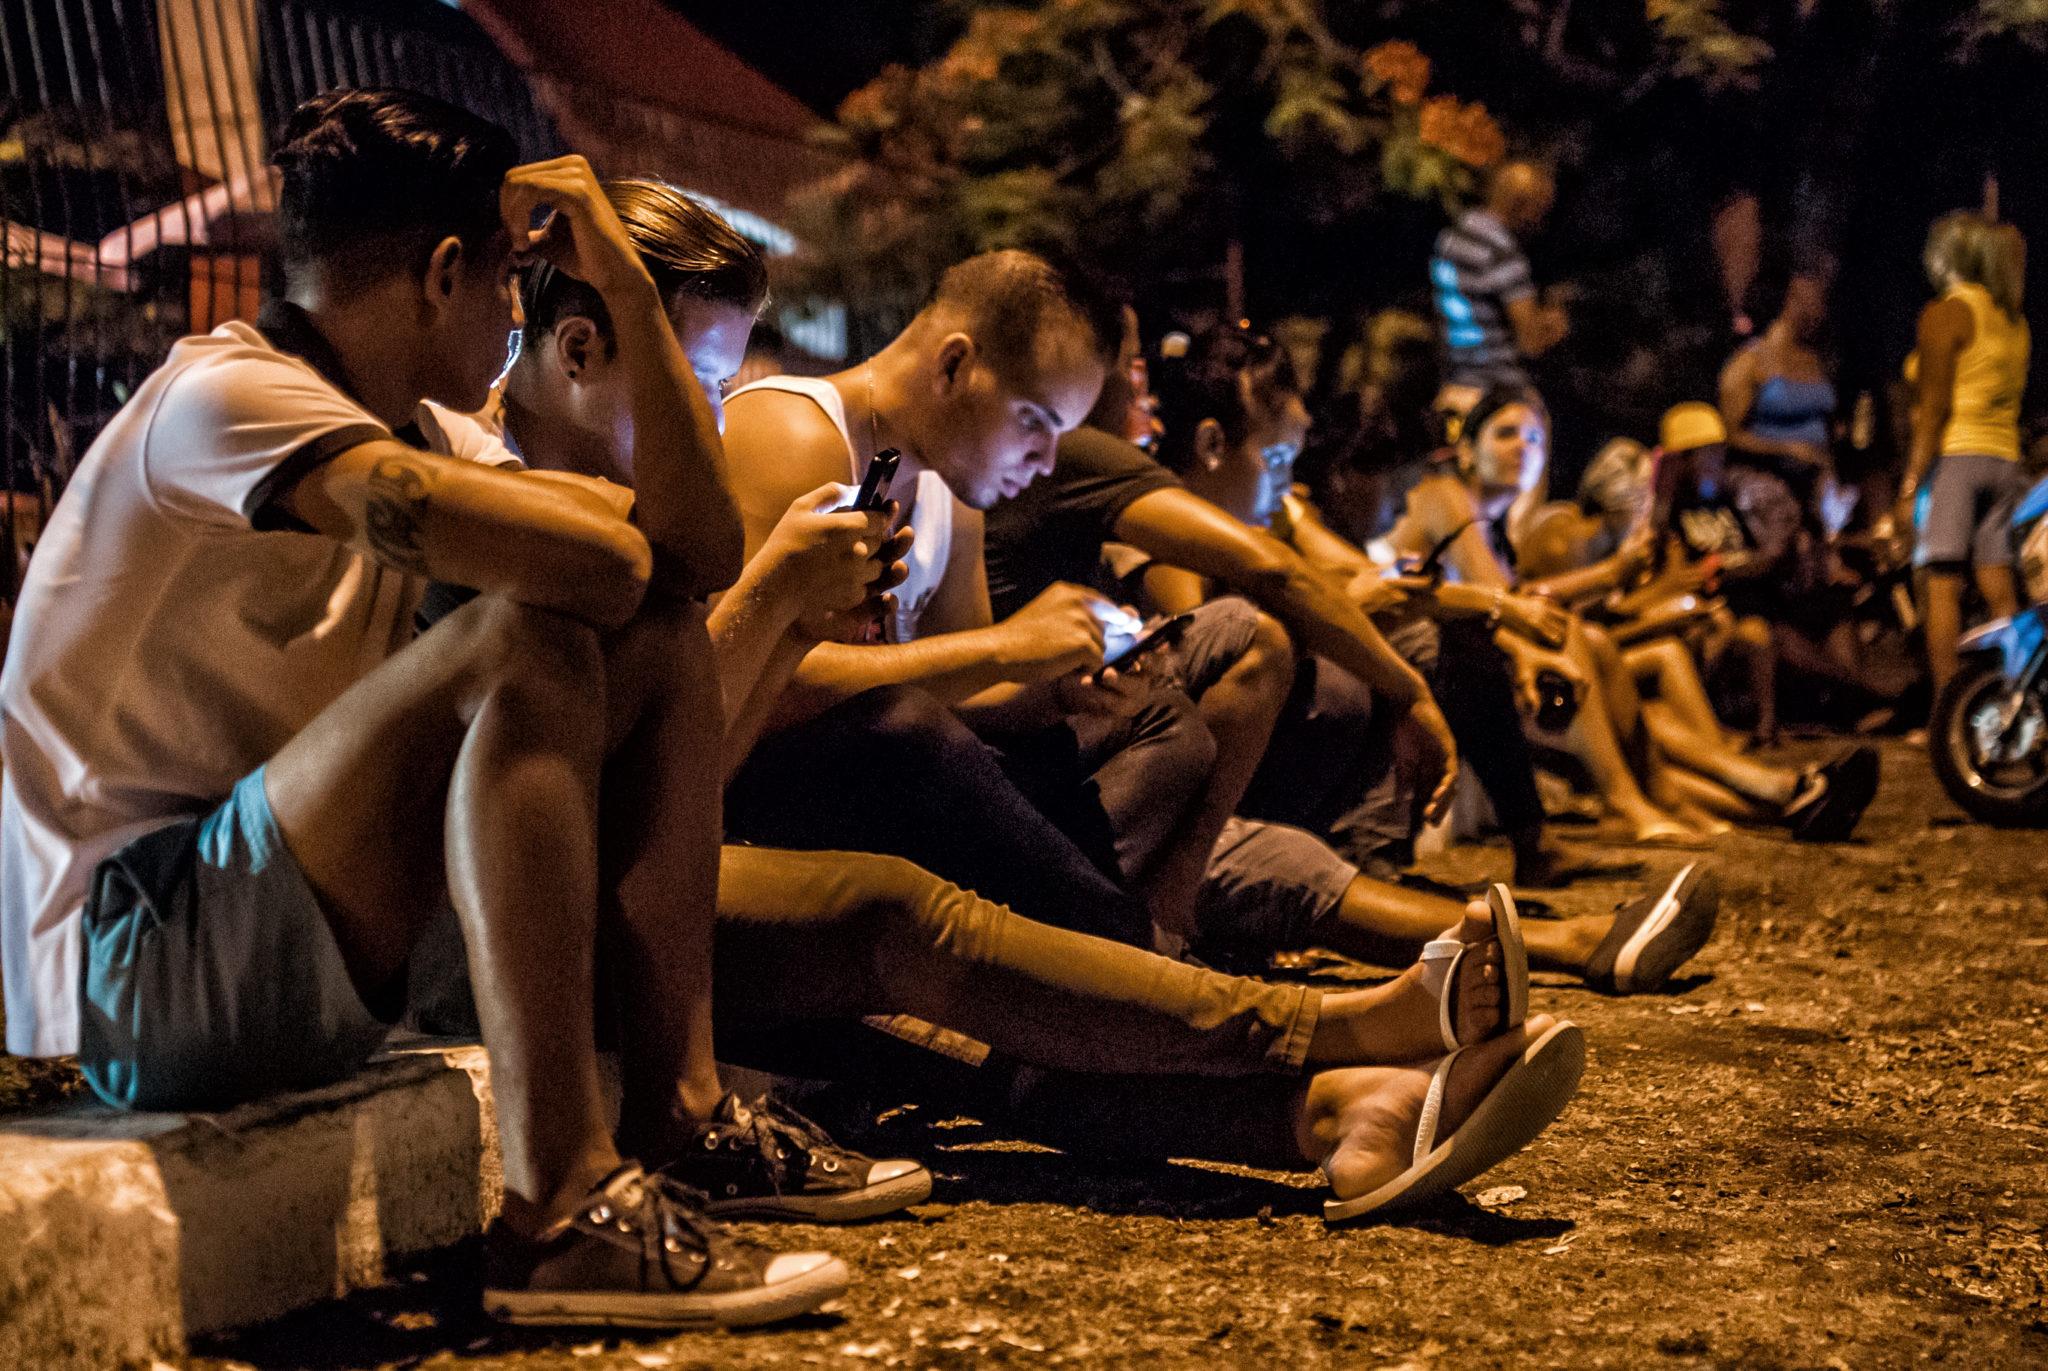 Cuba and its coming crop of digital innovators